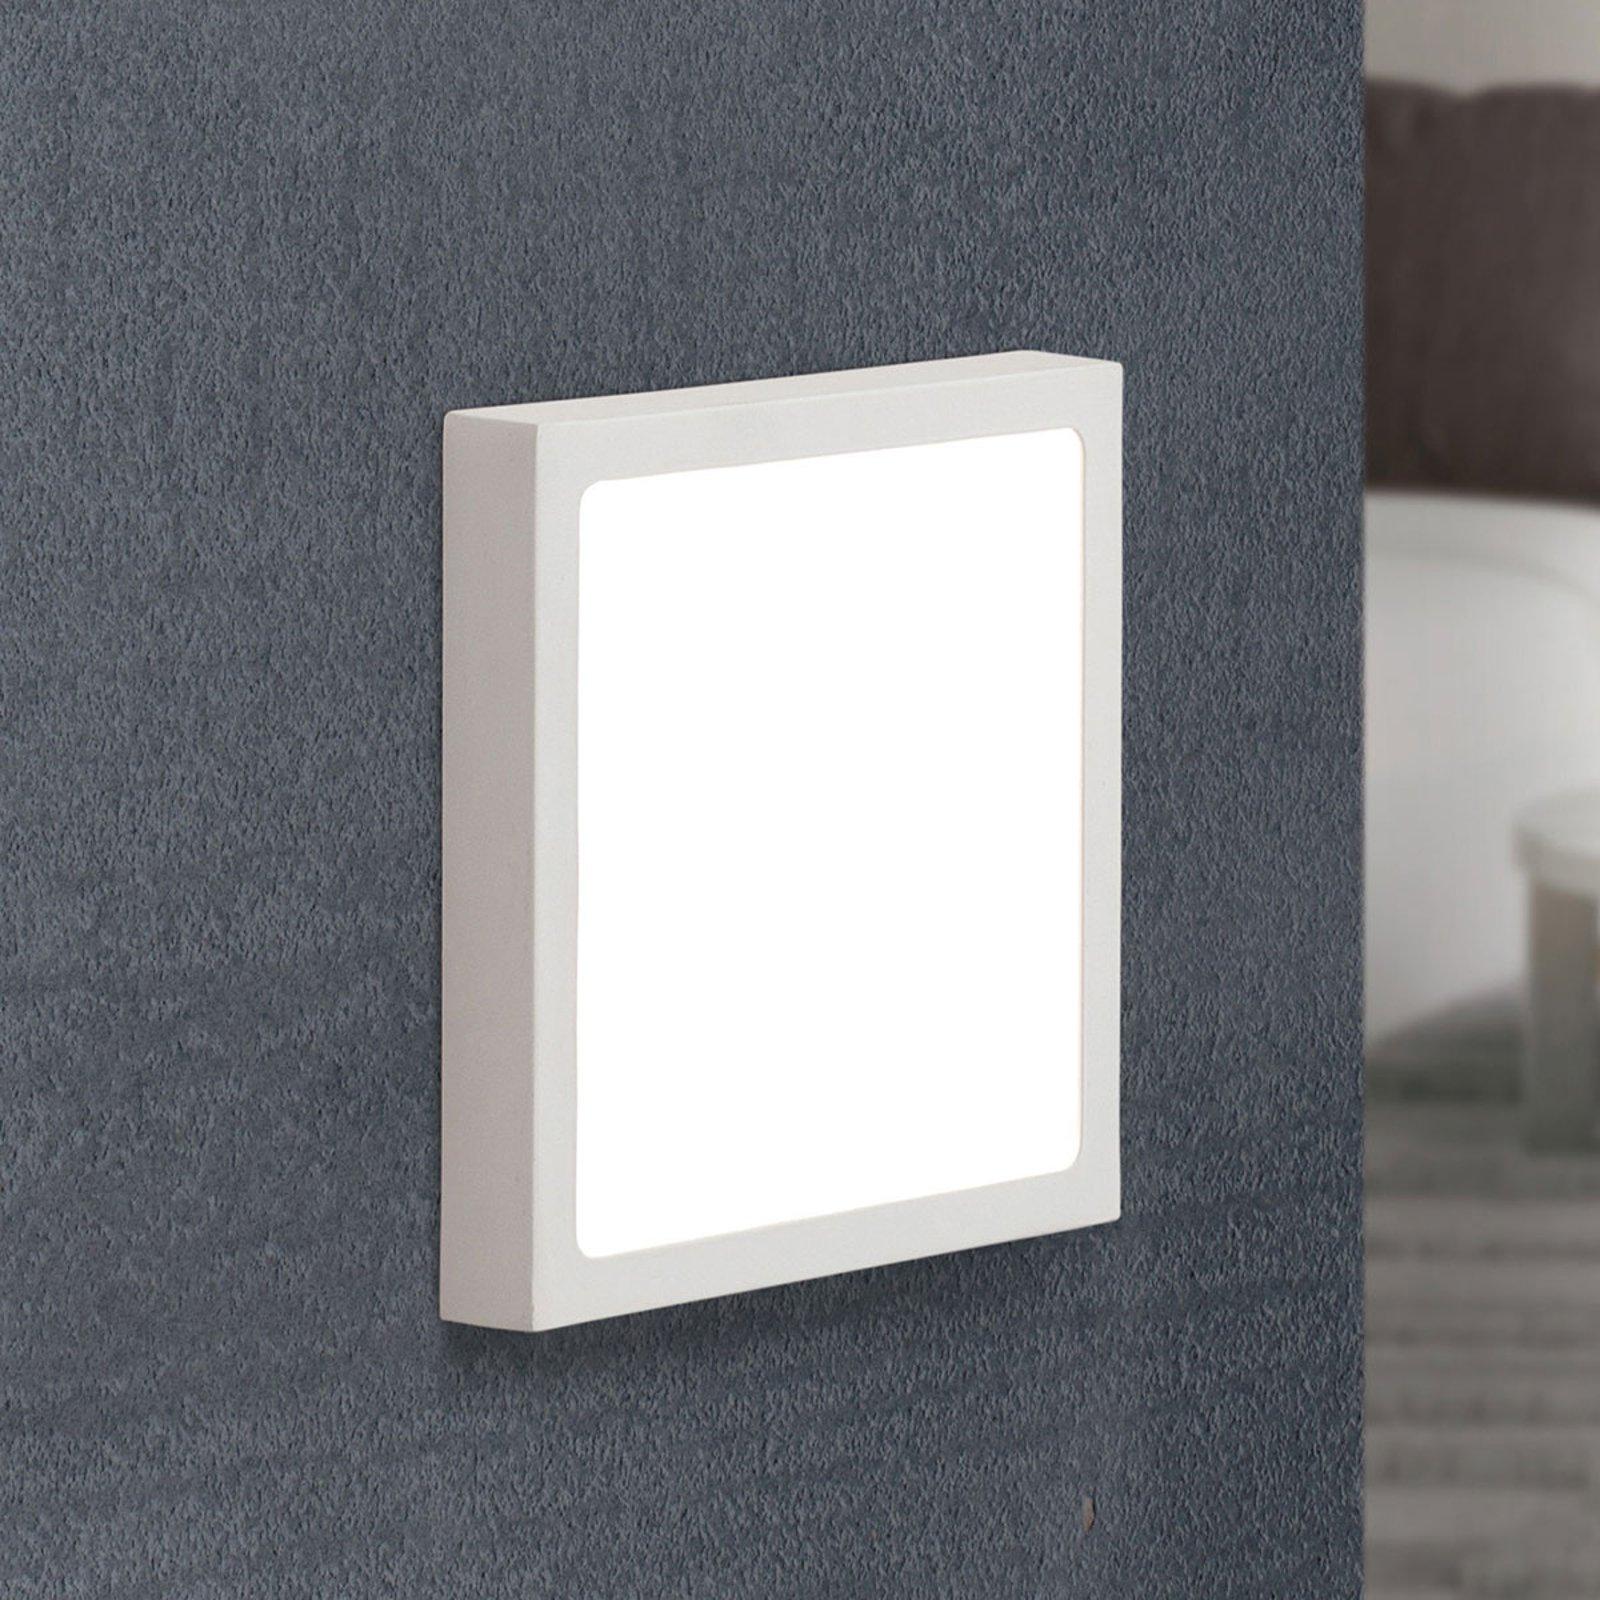 LED-vegglampe Vika, firkantet, hvit, 18x18cm